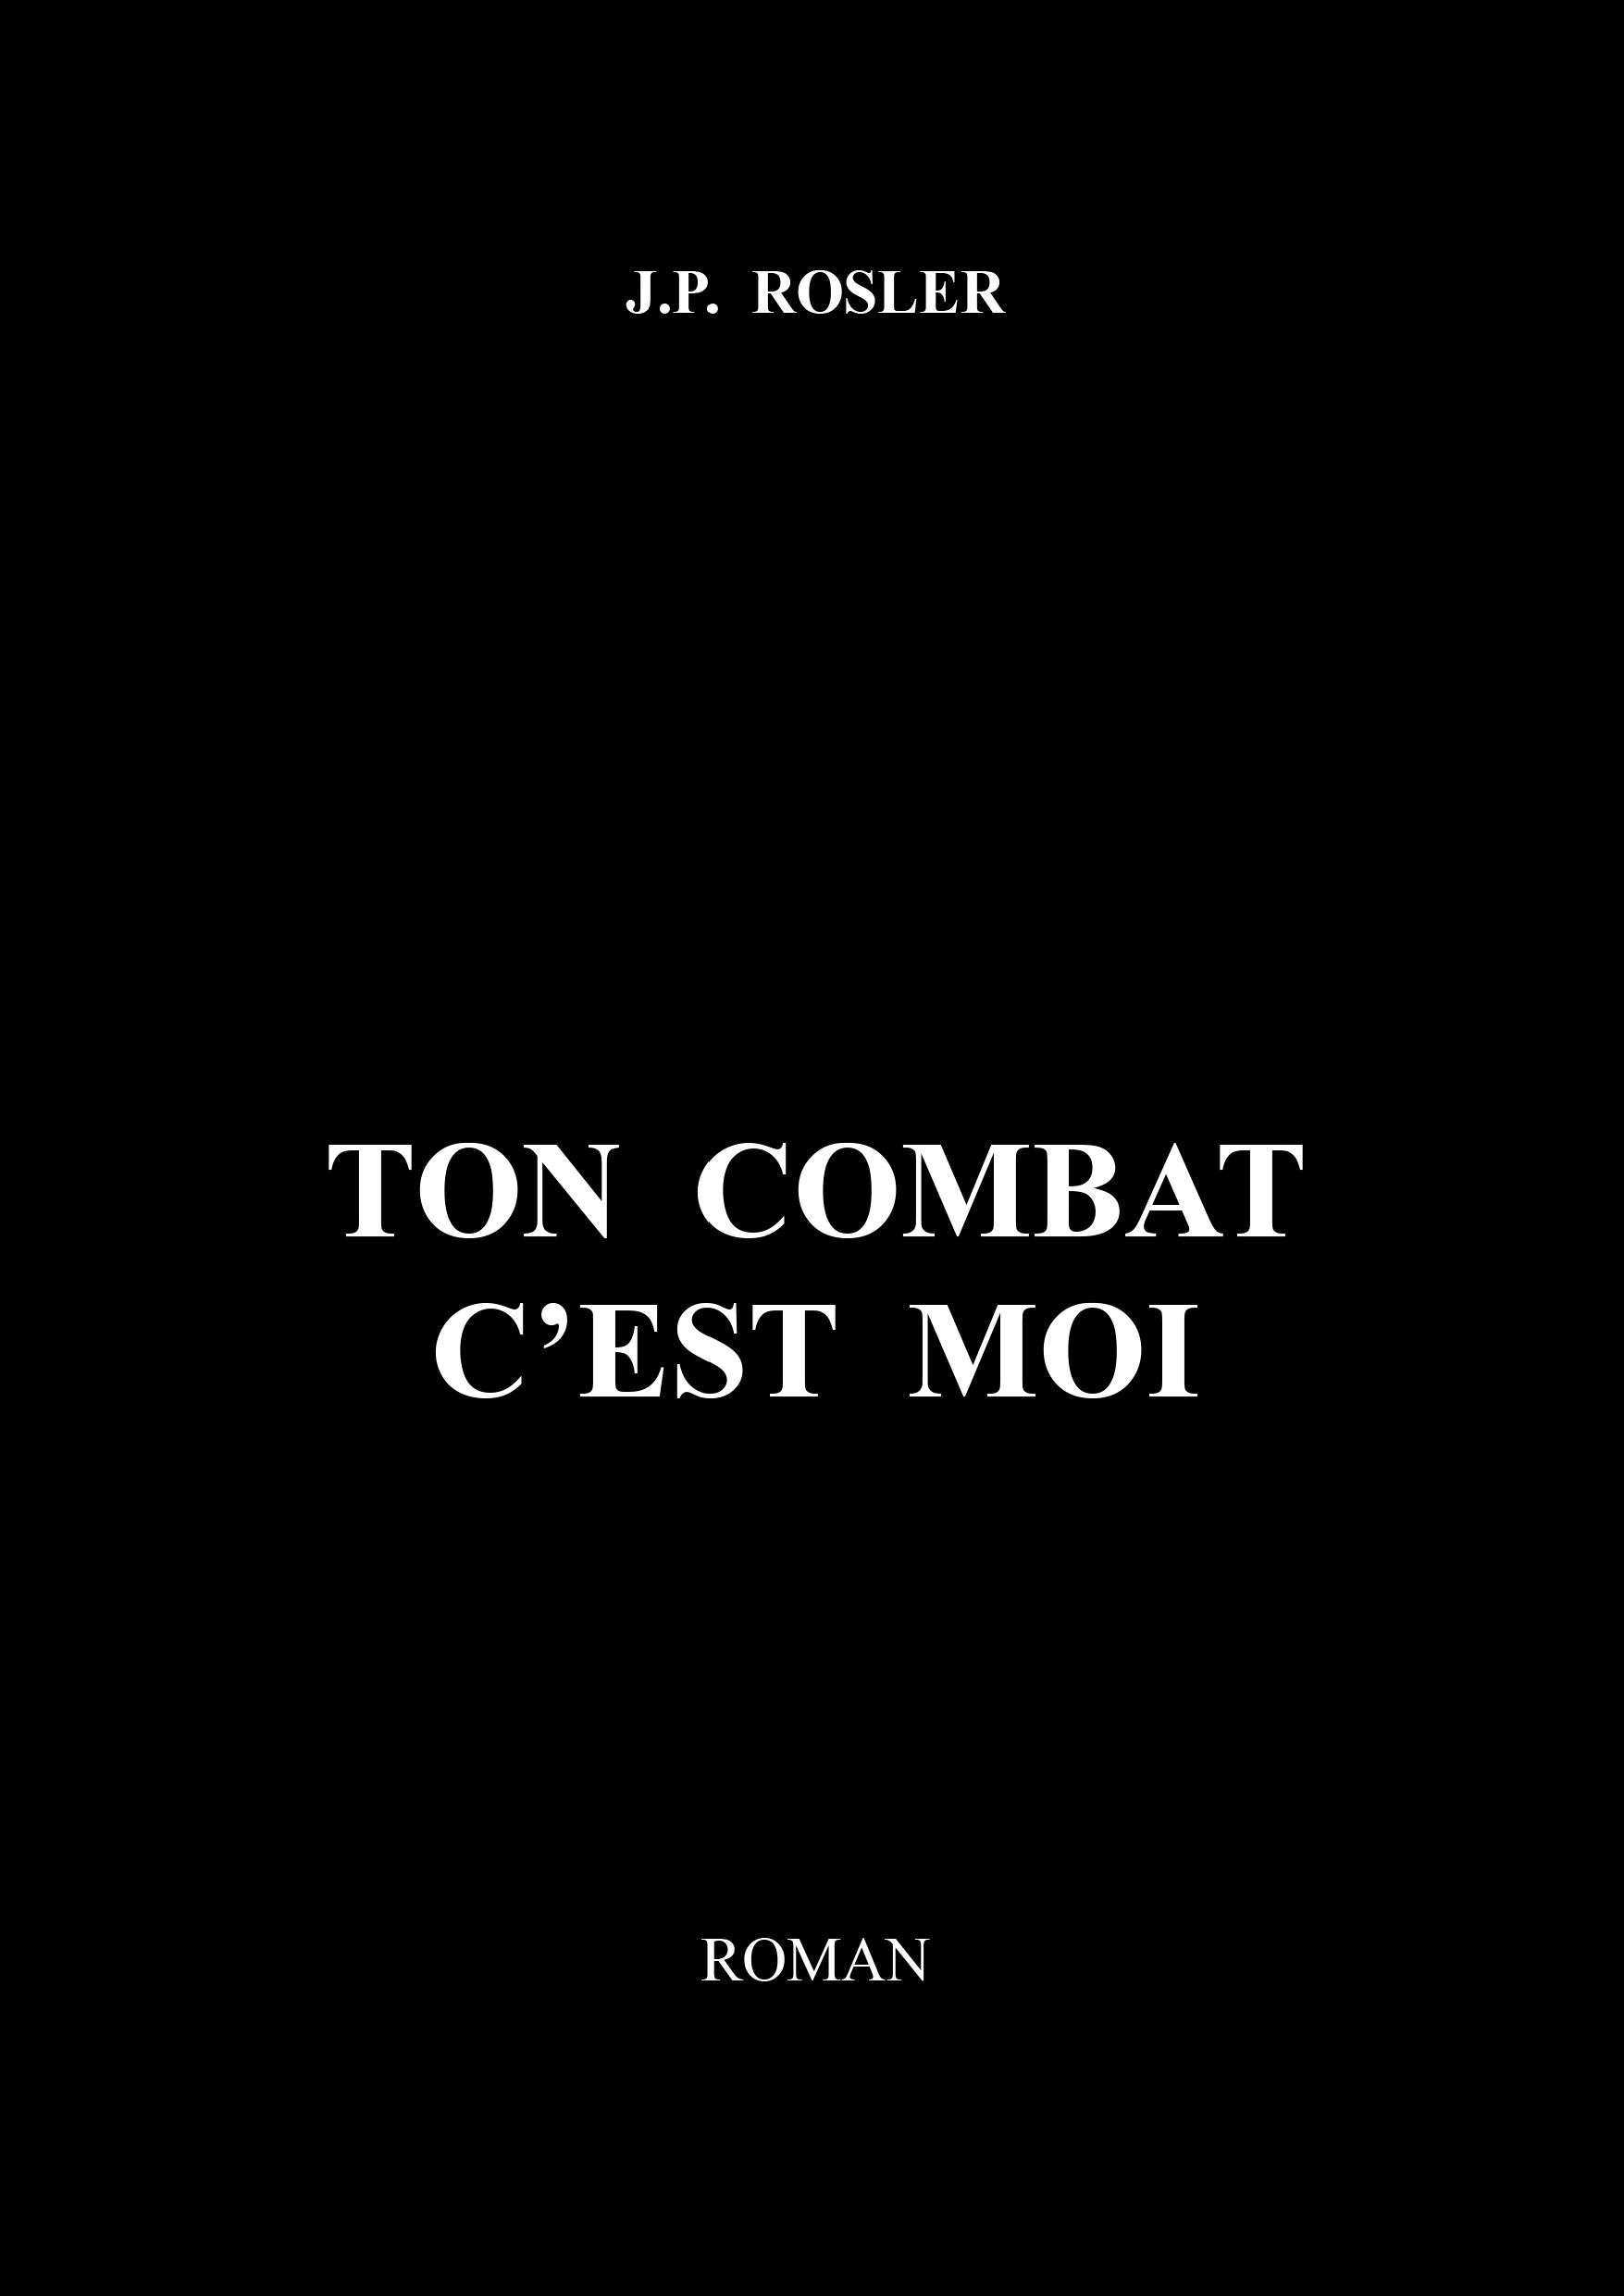 TON COMBAT, C'EST MOI